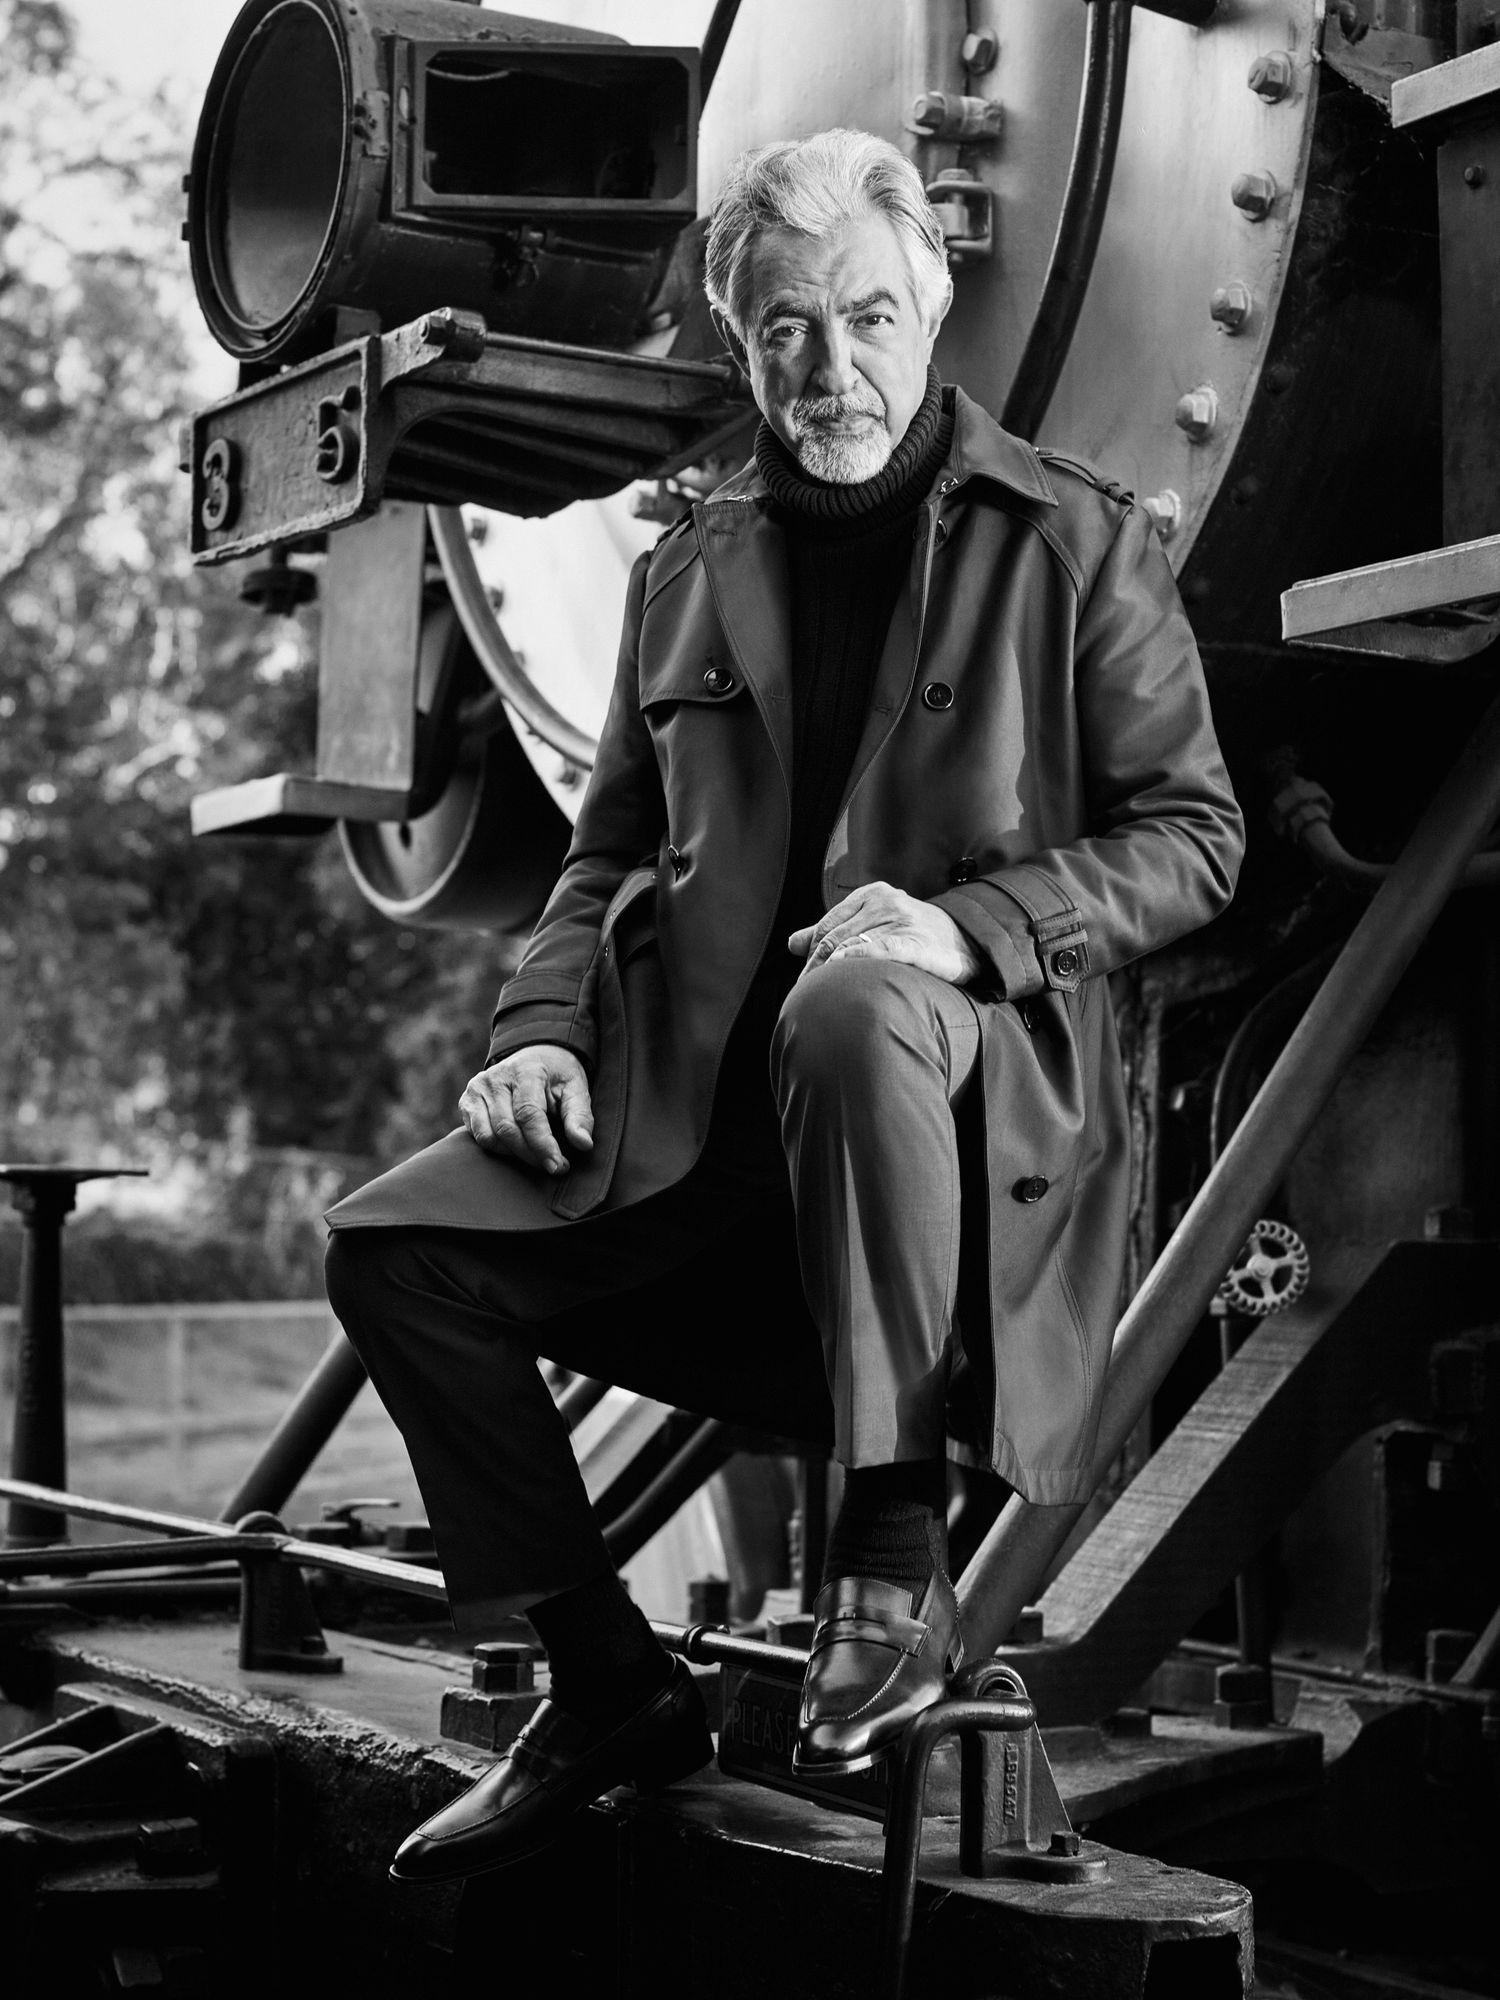 Joe Mantegna of Criminal Minds posing in front of a vintage locomotive.